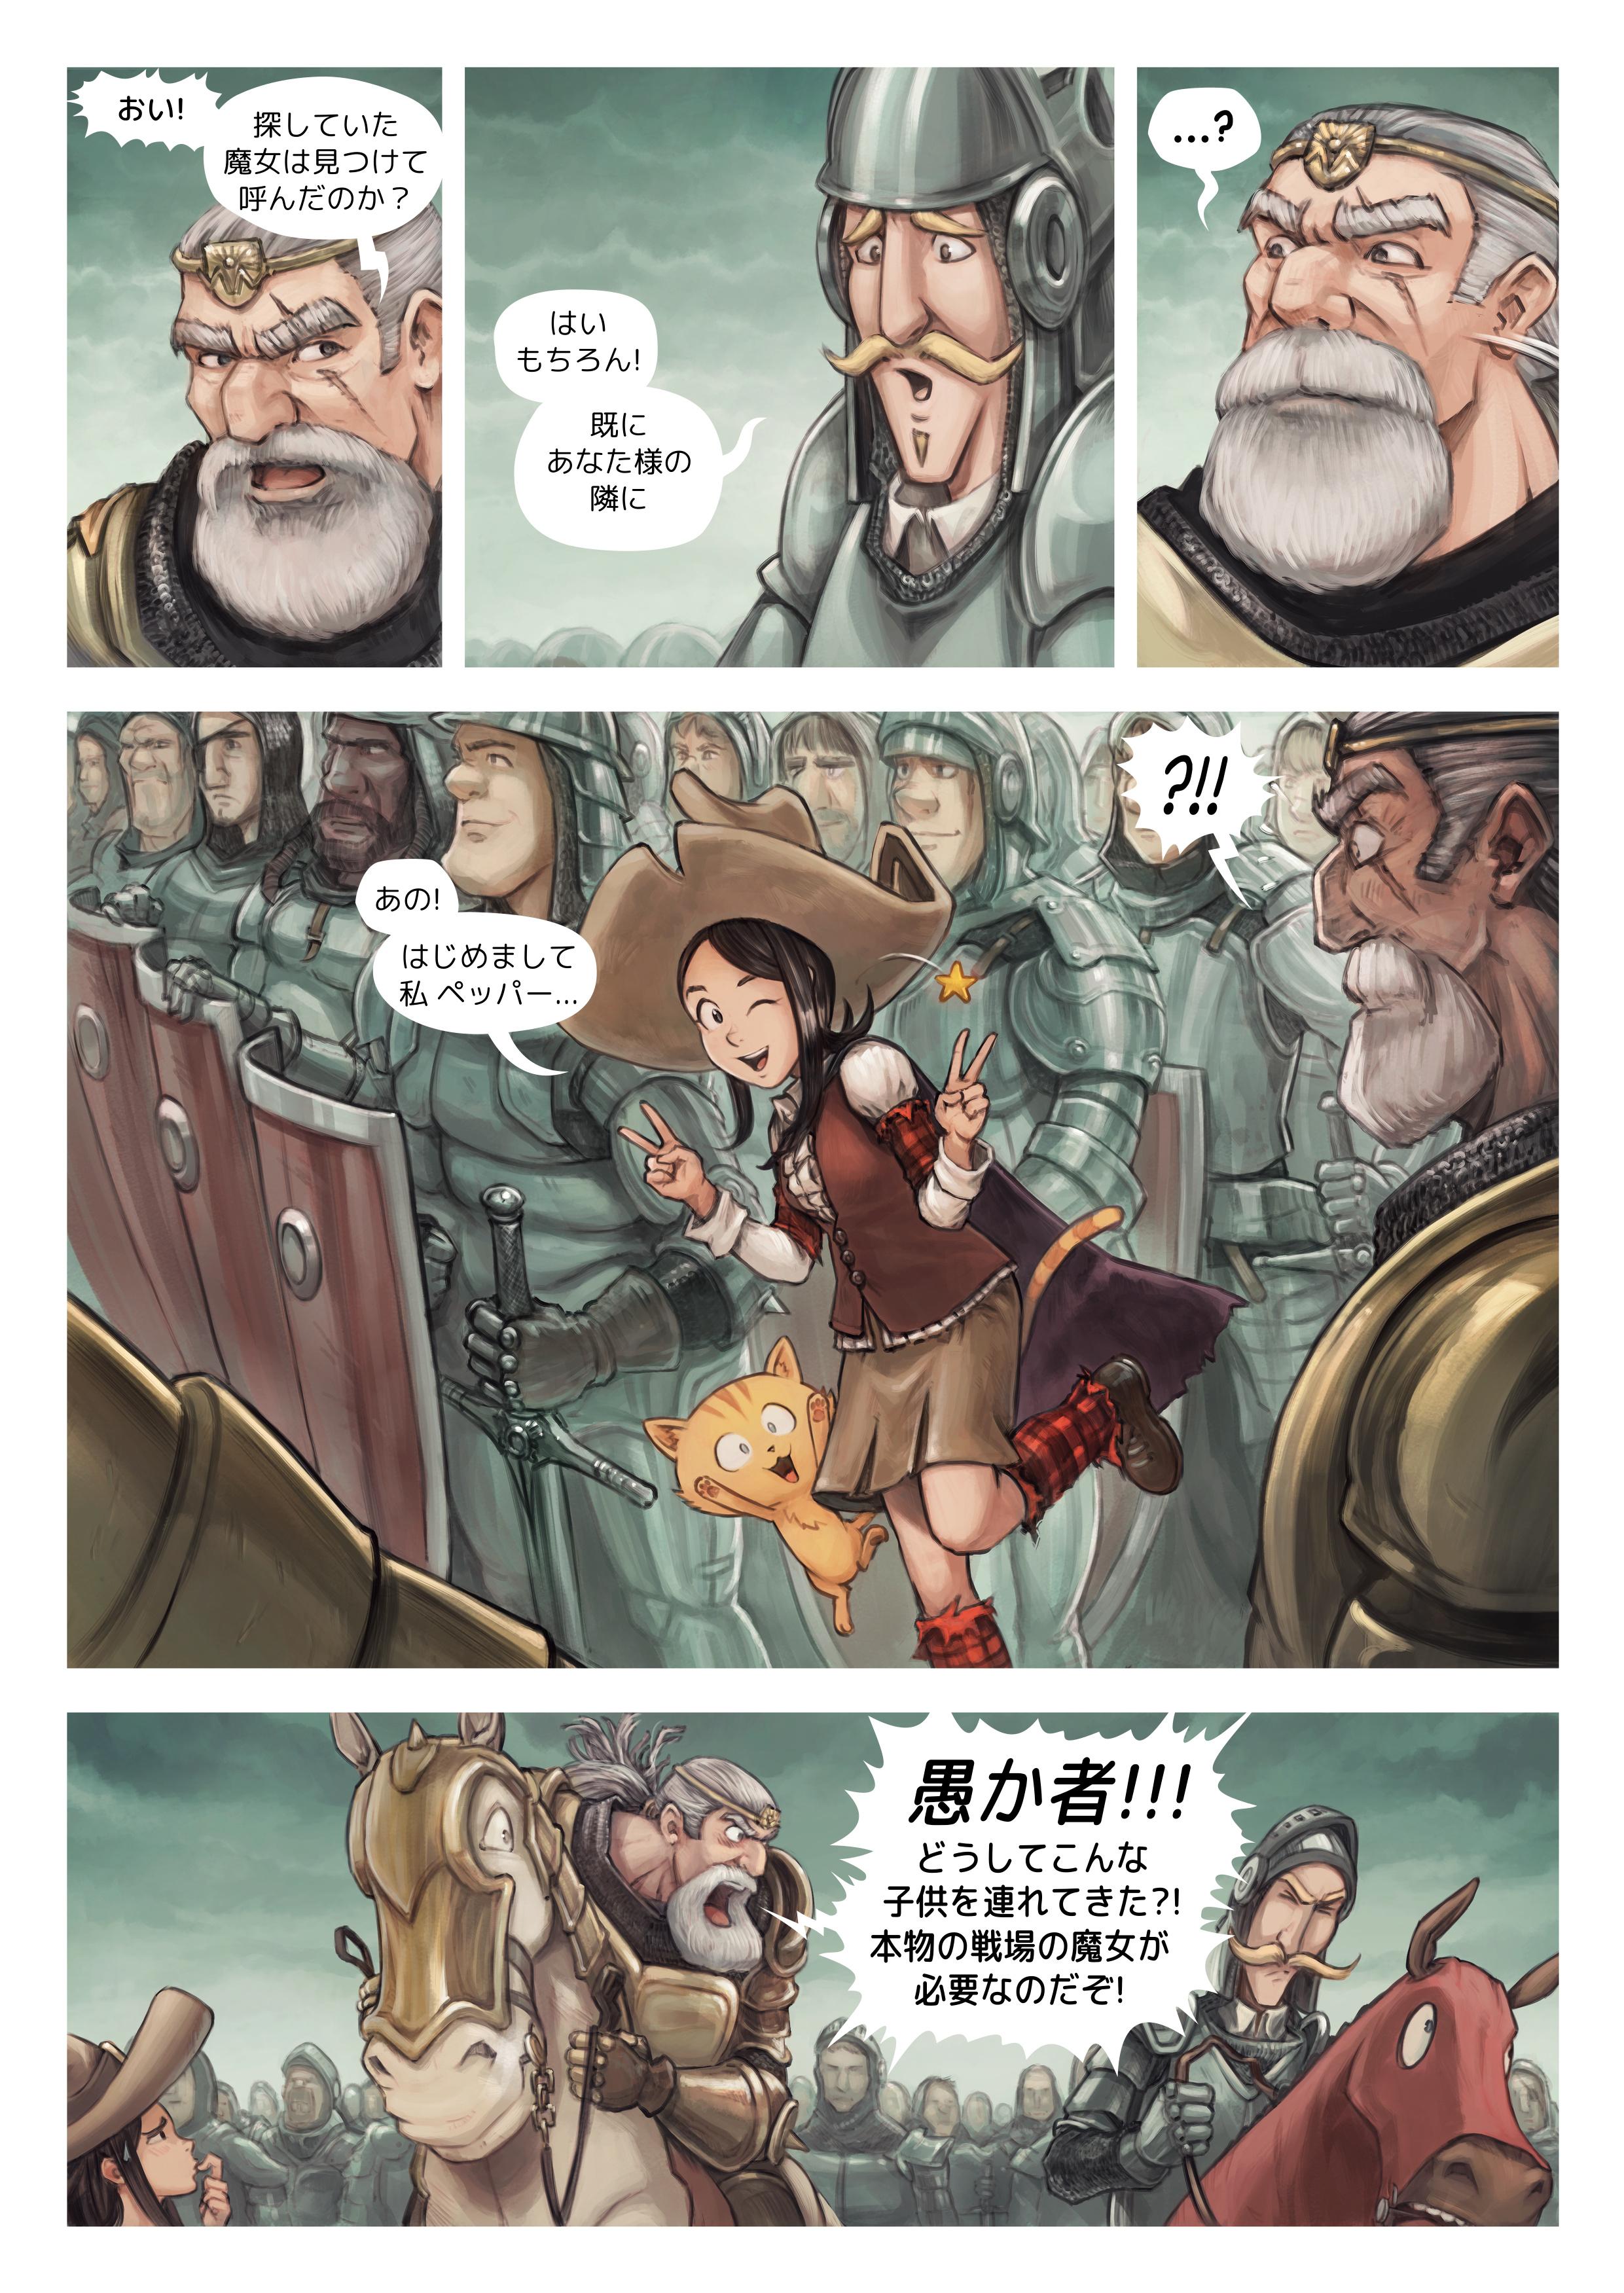 エピソード 32: 戦場, ページ 2